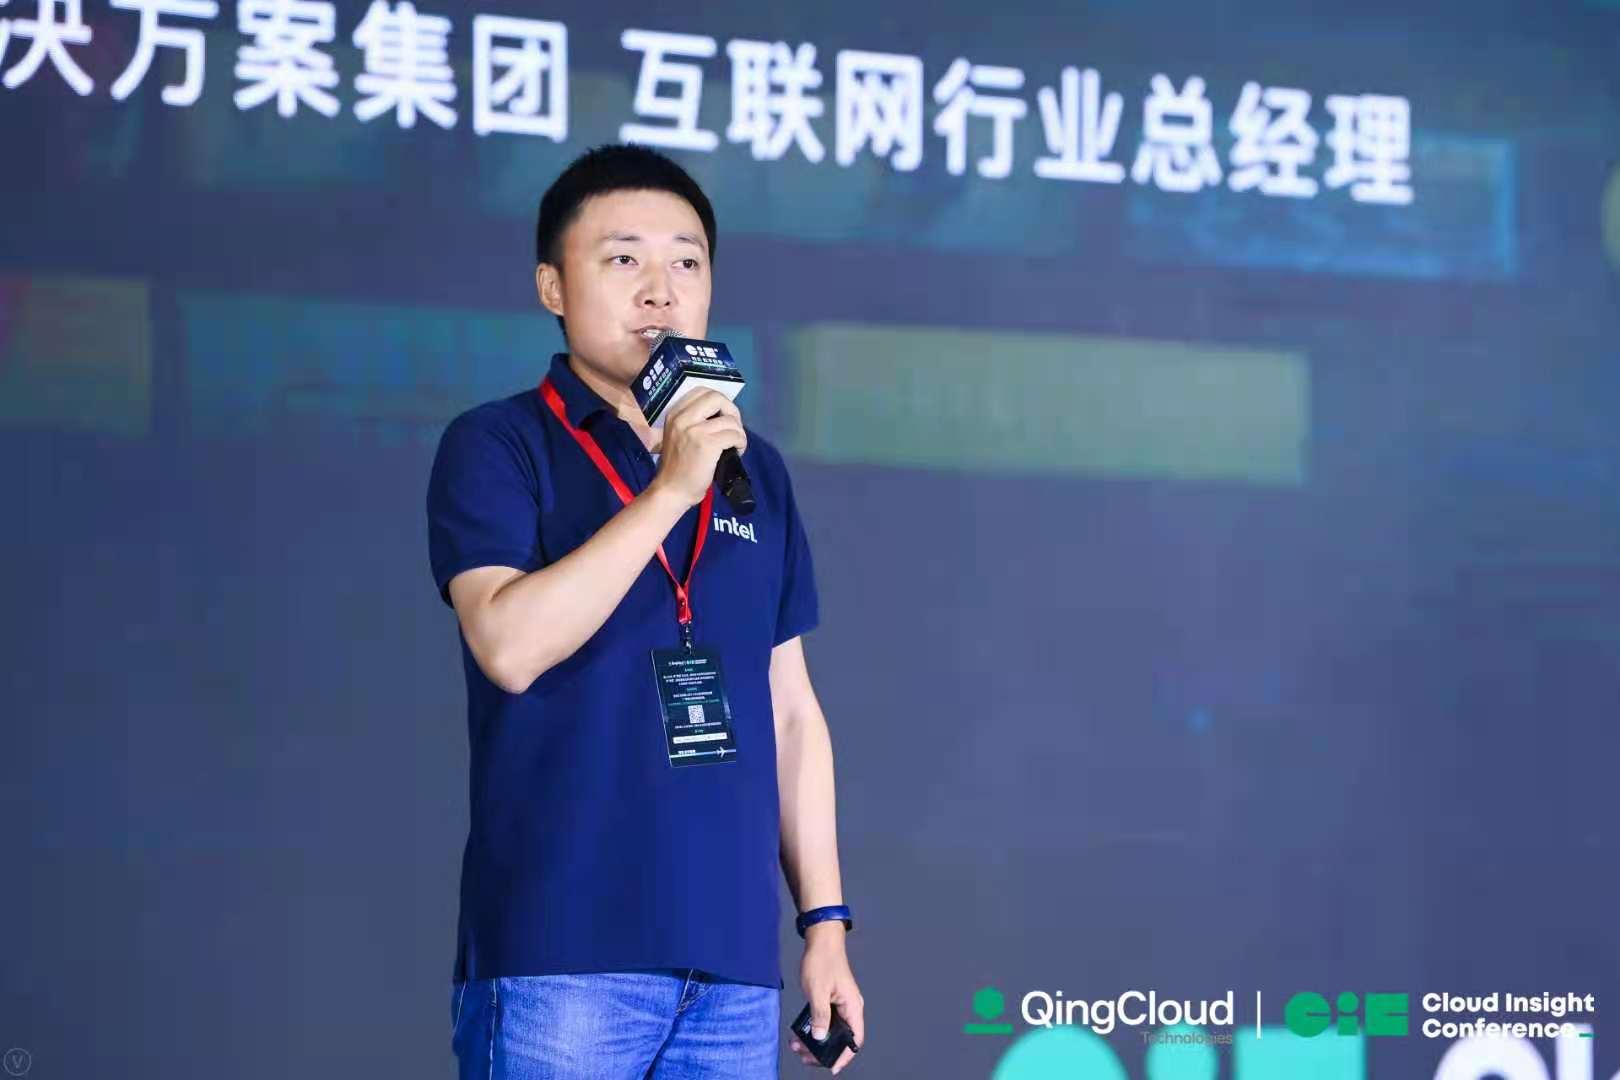 构筑数字新基建,助推数字经济 青云科技CIC 2021云计算峰会在京举行